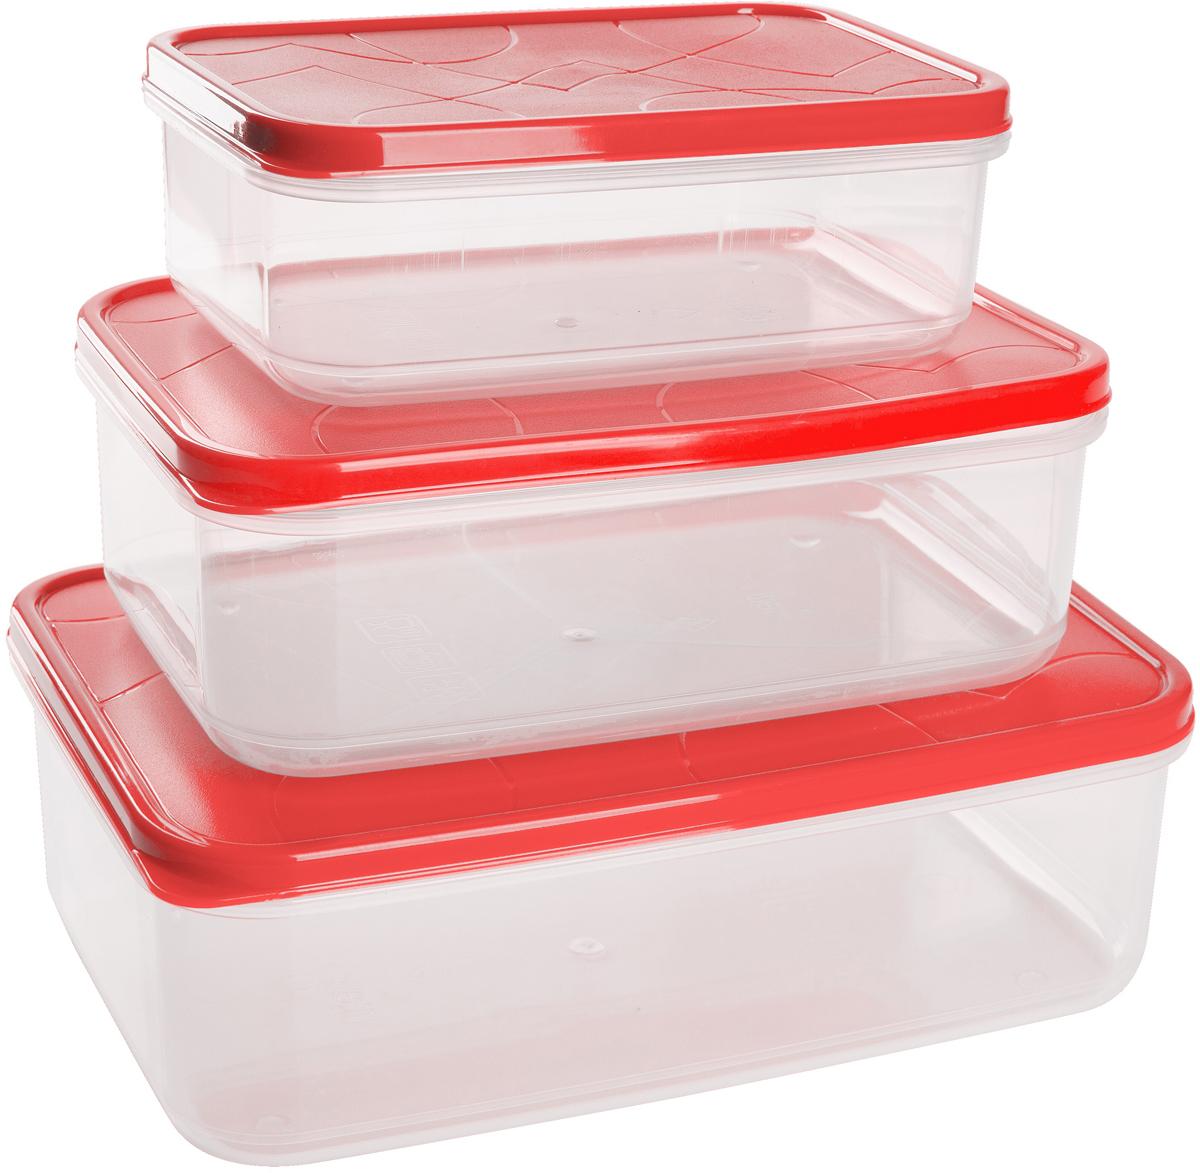 Положить в холодильник остатки еды, взять с собой обед в дорогу, заморозить овощи на зиму – все это можно сделать с контейнерами Vitamino. Контейнеры можно использовать для заморозки и хранения продуктов. Подходят для микроволновой печи. А благодаря плотной полиэтиленовой крышке еда дольше сохраняет свою свежесть. Контейнеры вкладываются друг в друга по принципу матрешки экономя пространство при хранении.